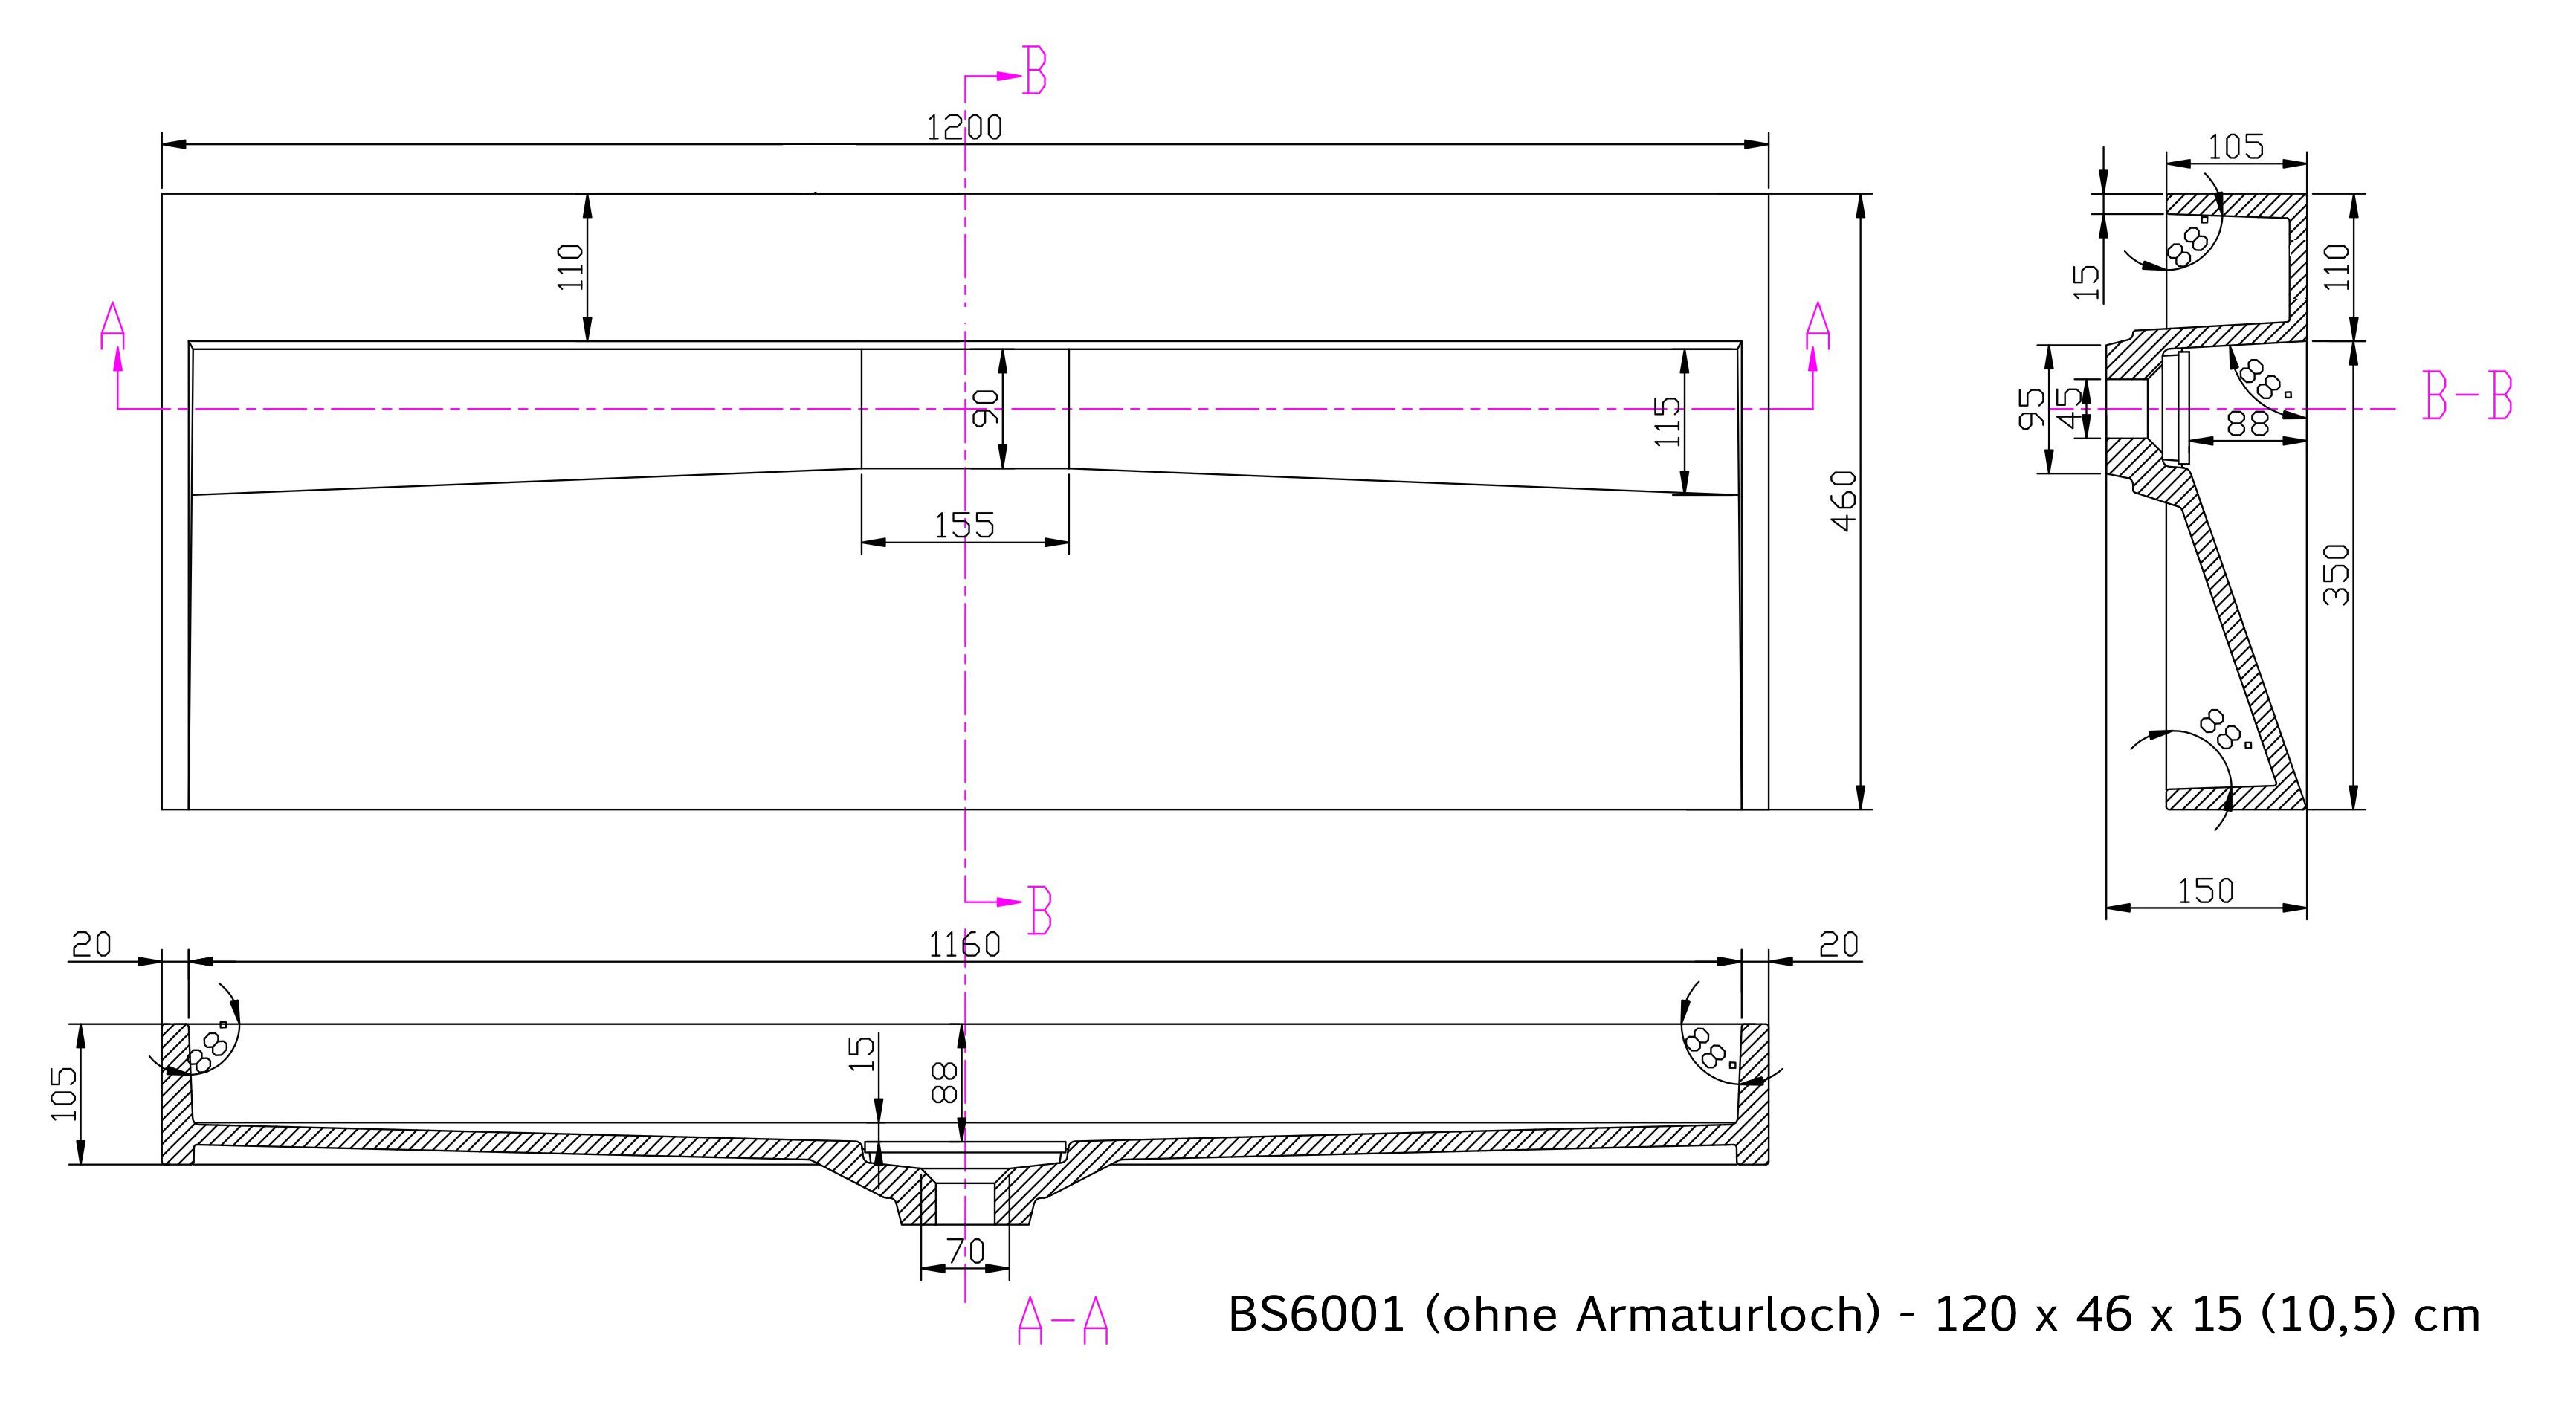 BS6001 - Breite 120cm - ohne Armaturloch